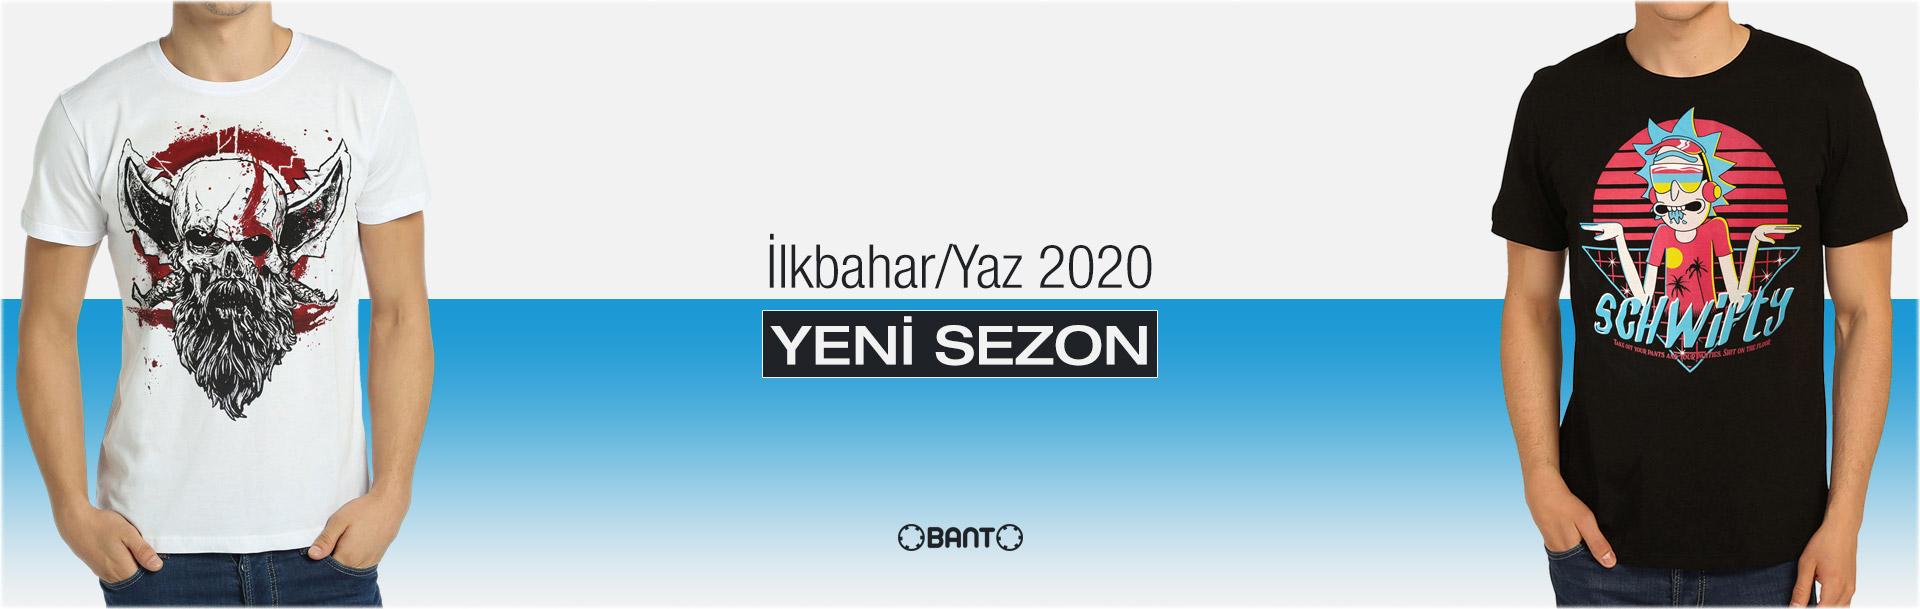 2020 Ilkahar/Yaz Trendleri